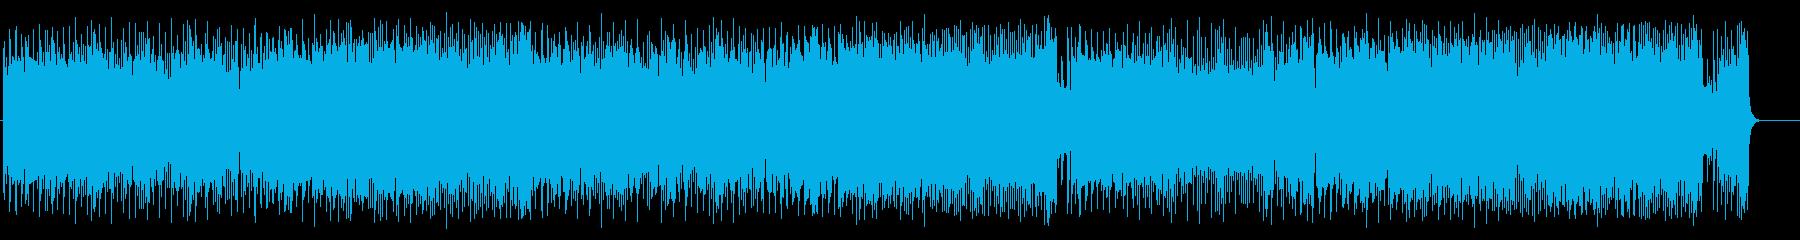 アダルトなジャズ/フュージョンの再生済みの波形